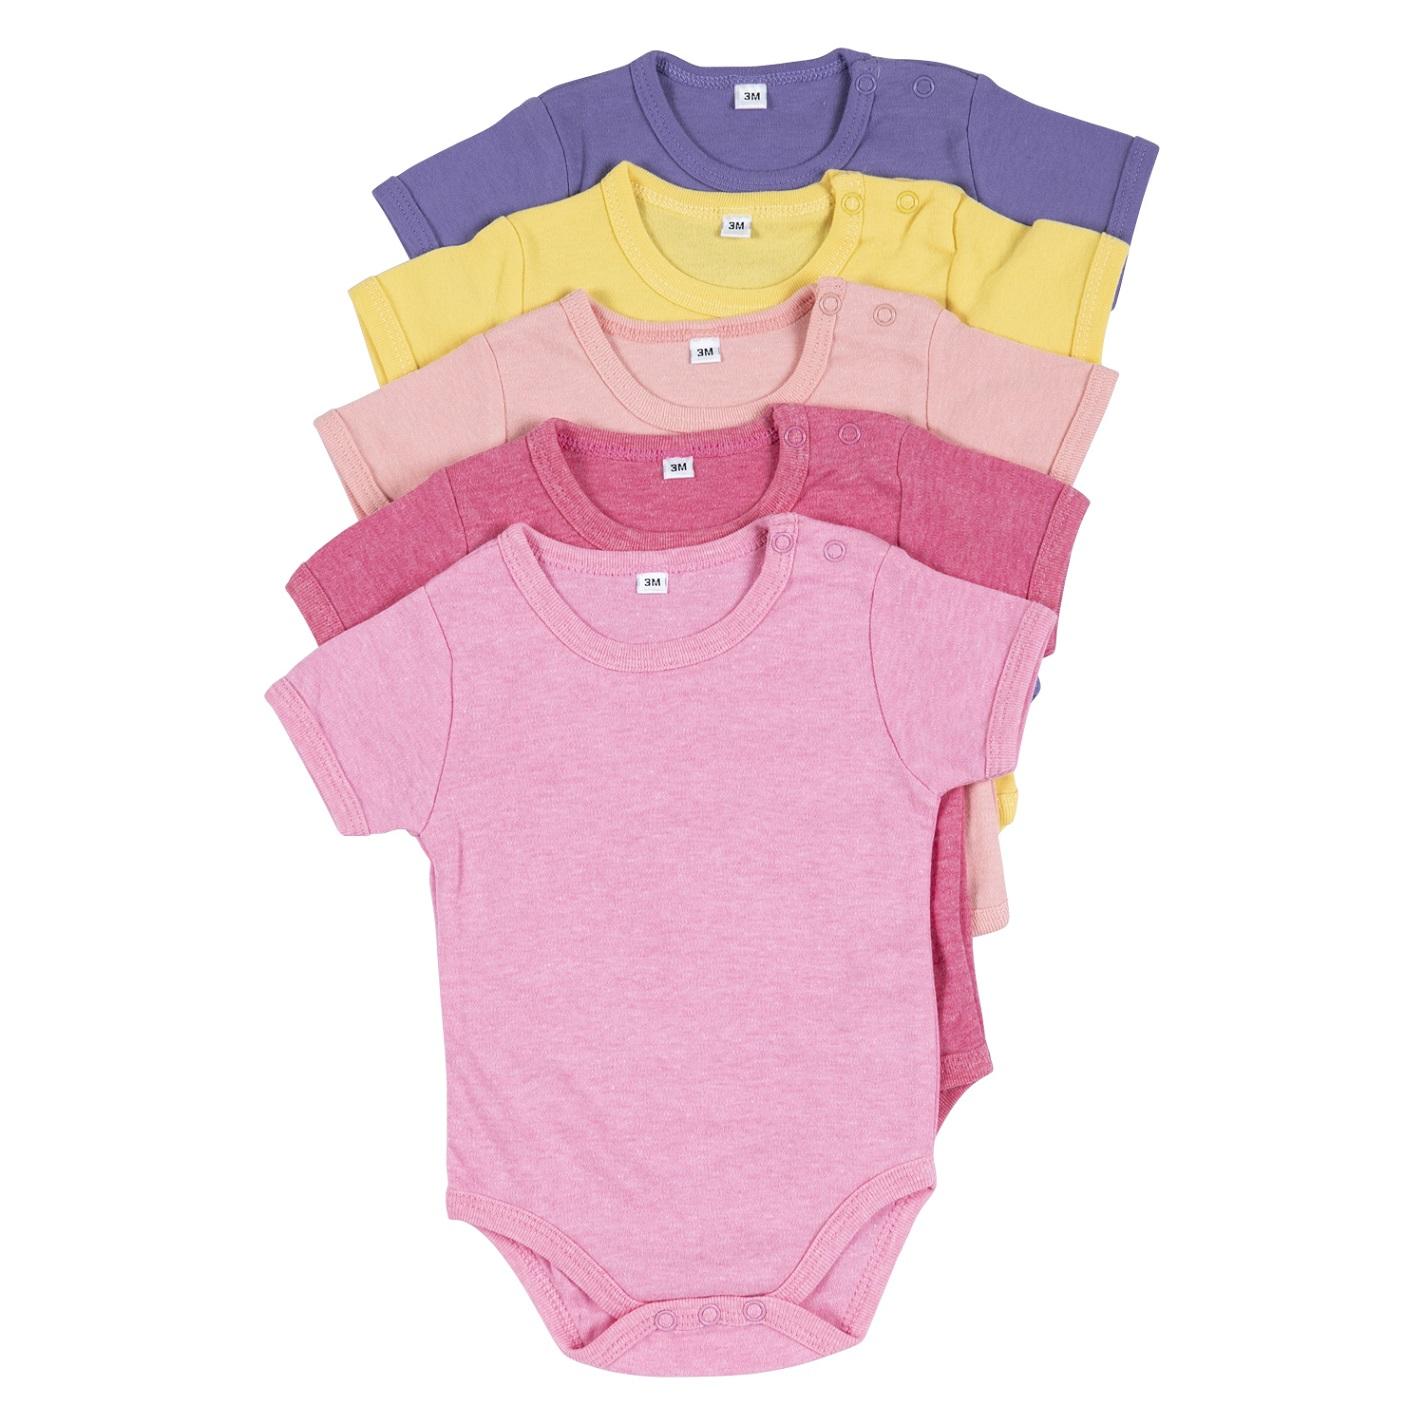 סט חמישיית בגדי גוף סגול-צהוב-ורוד-ורוק פוקסיה-ורוד בייבי